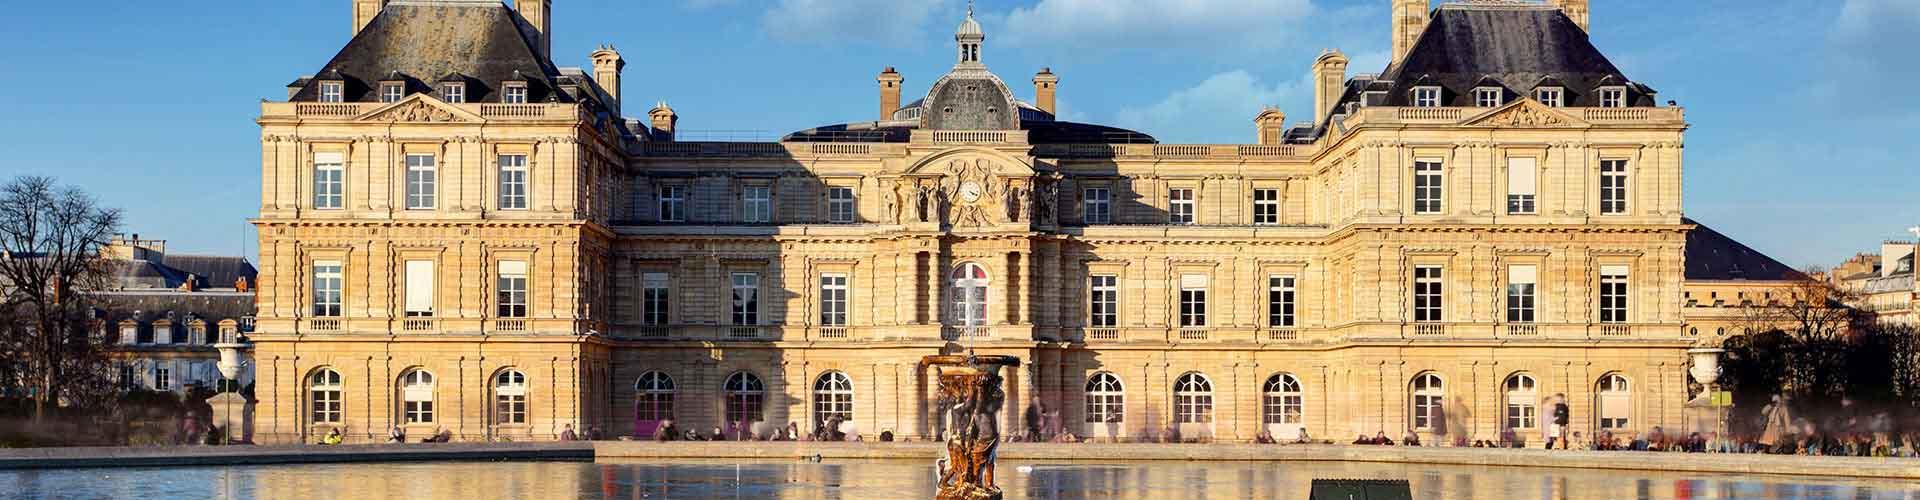 París - Hoteles baratos cerca a Palacio de Luxemburgo. Mapas de París, Fotos y comentarios de cada Hotel en París.